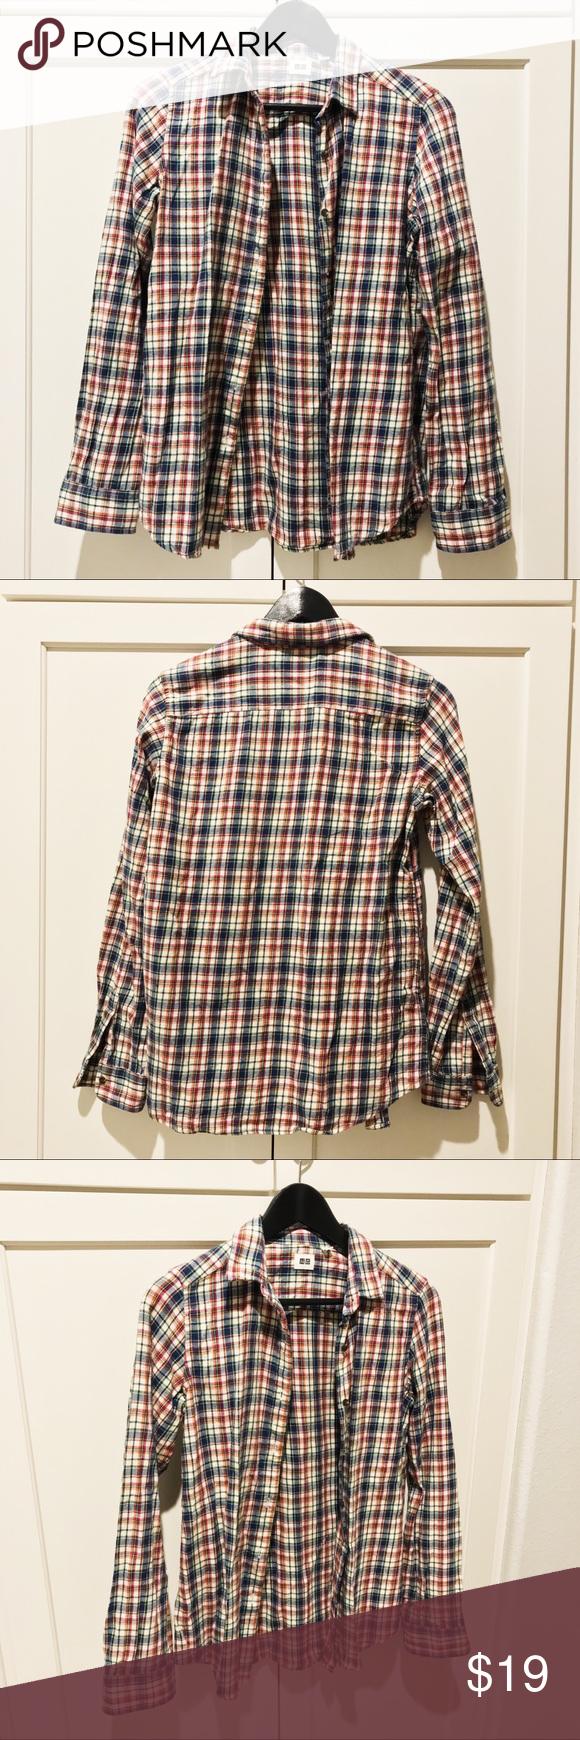 Uniqlo flannel jacket  UNIQLO Flannel  My Posh Closet  Pinterest  Uniqlo Flannels and